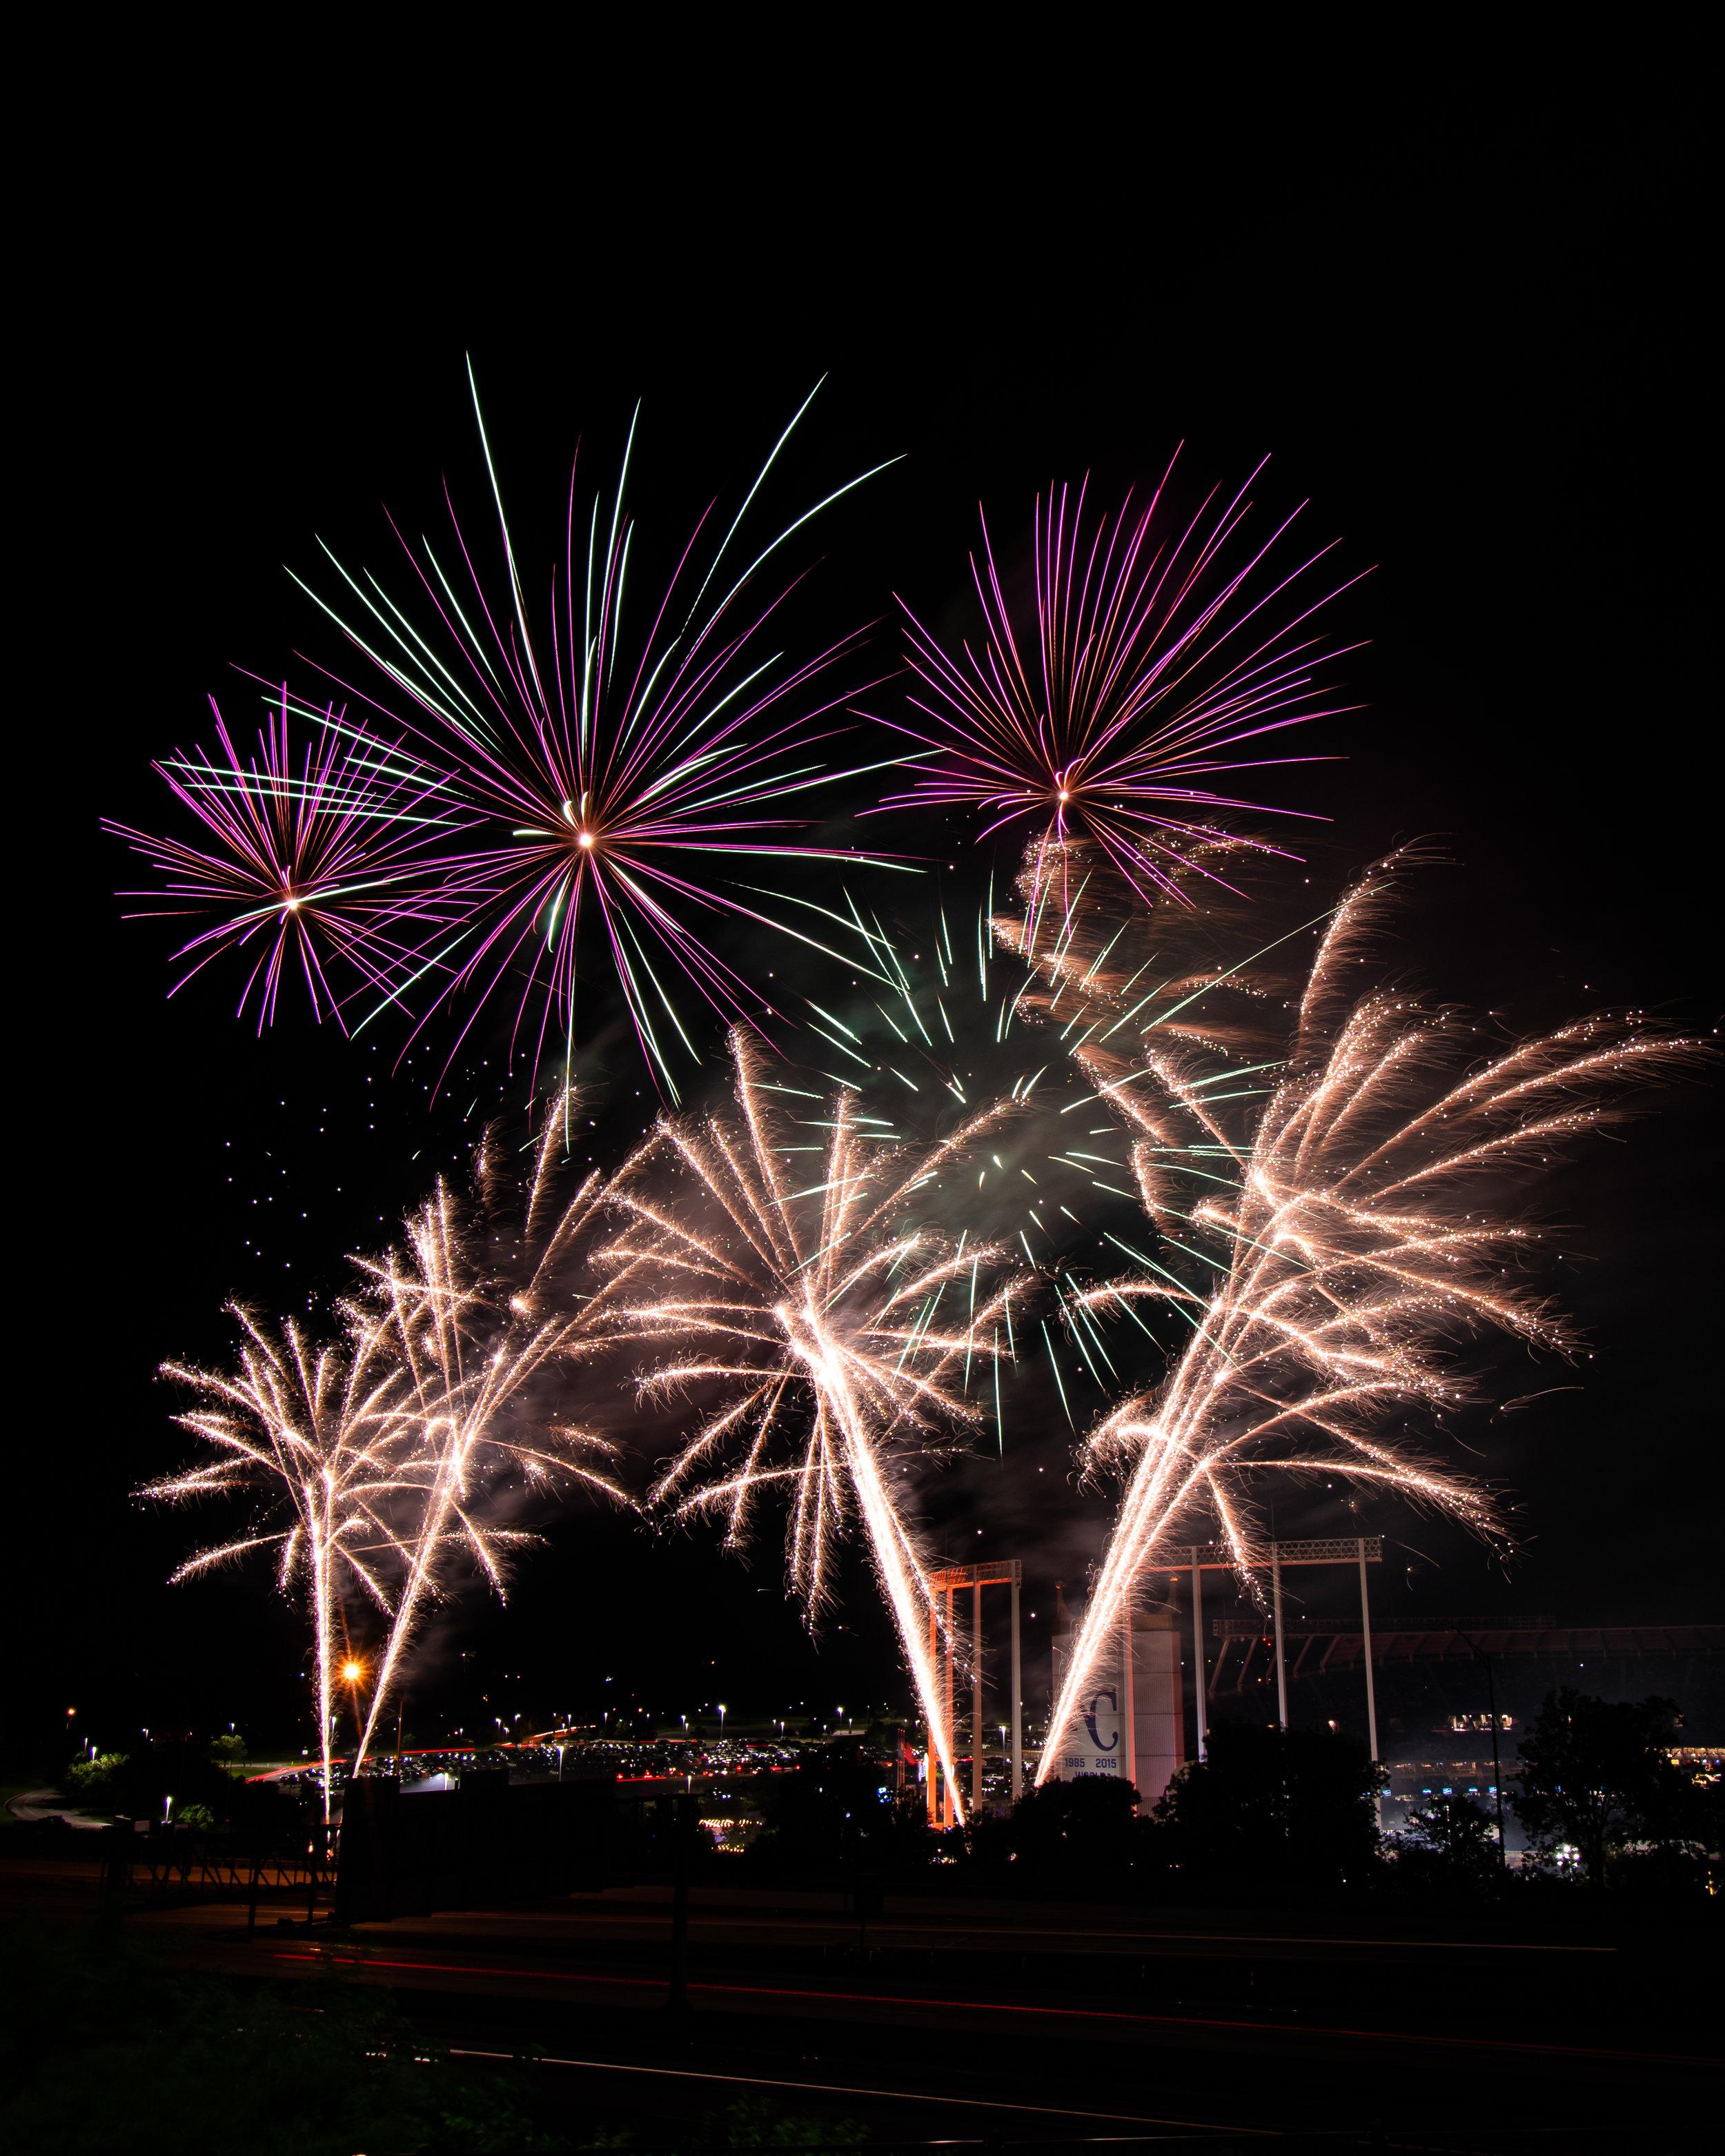 firework-friday-34-of-51_48108274966_o.jpg